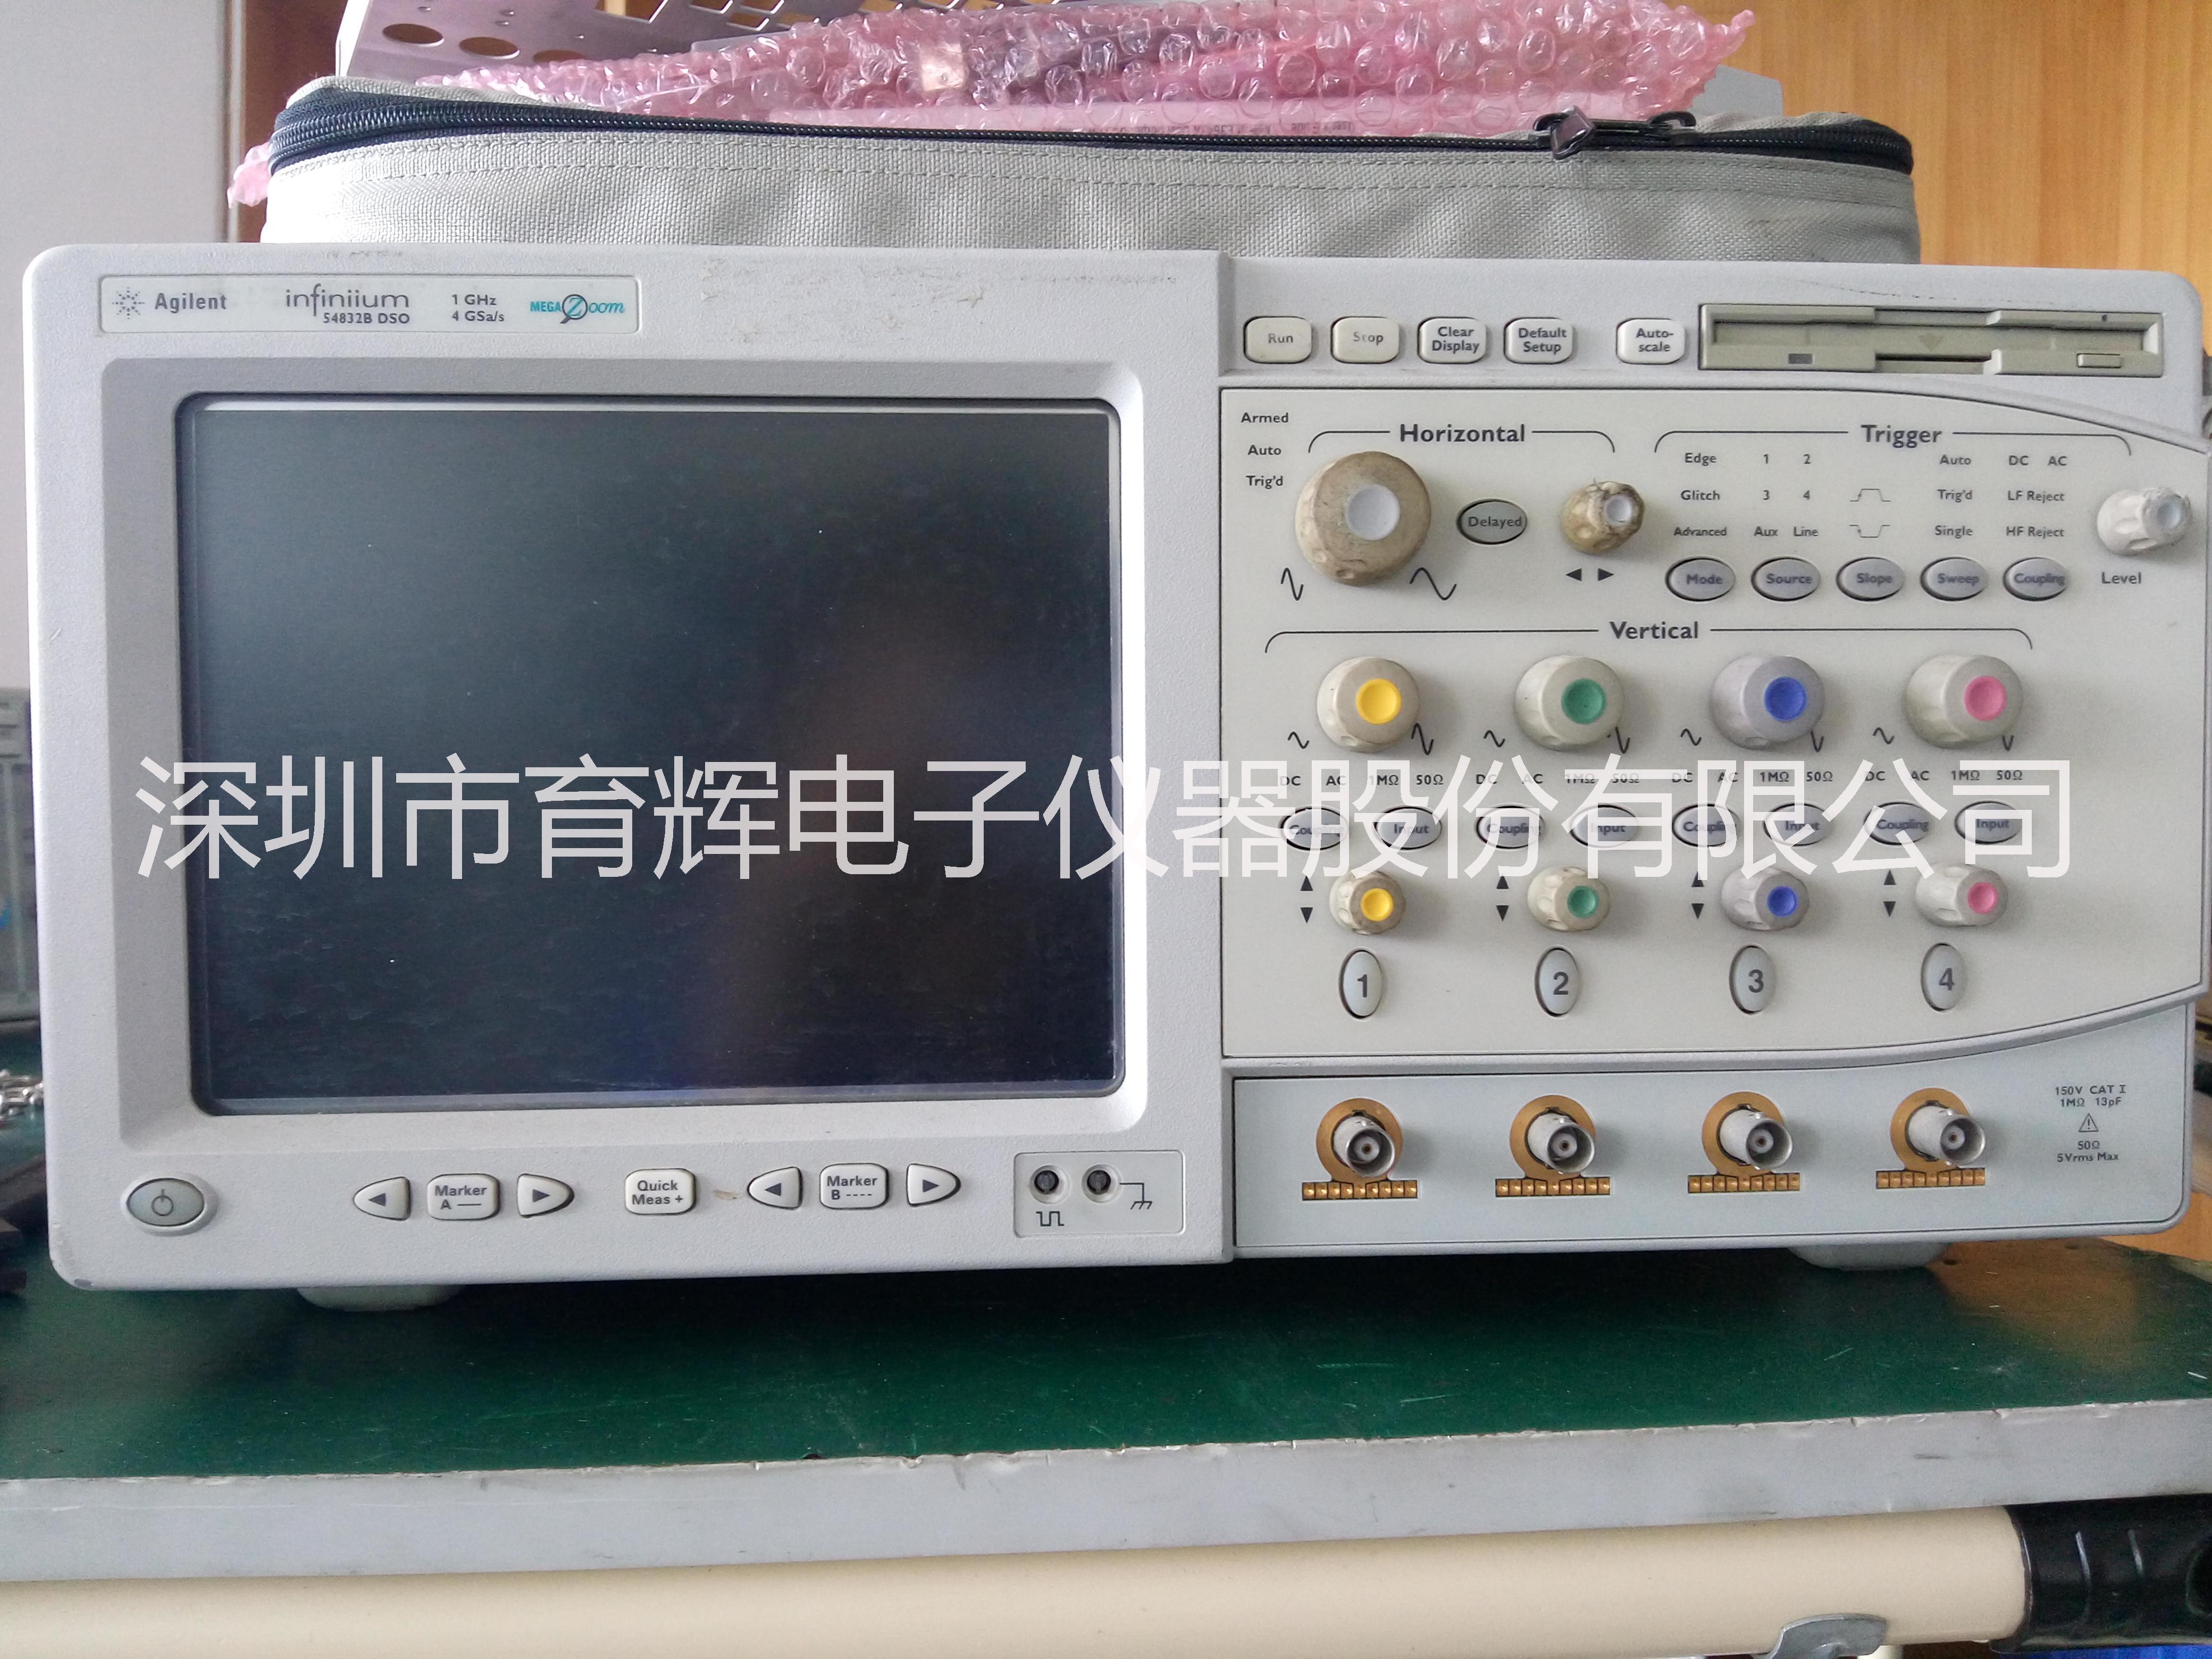 数字示波器 数字示波器使用及维修